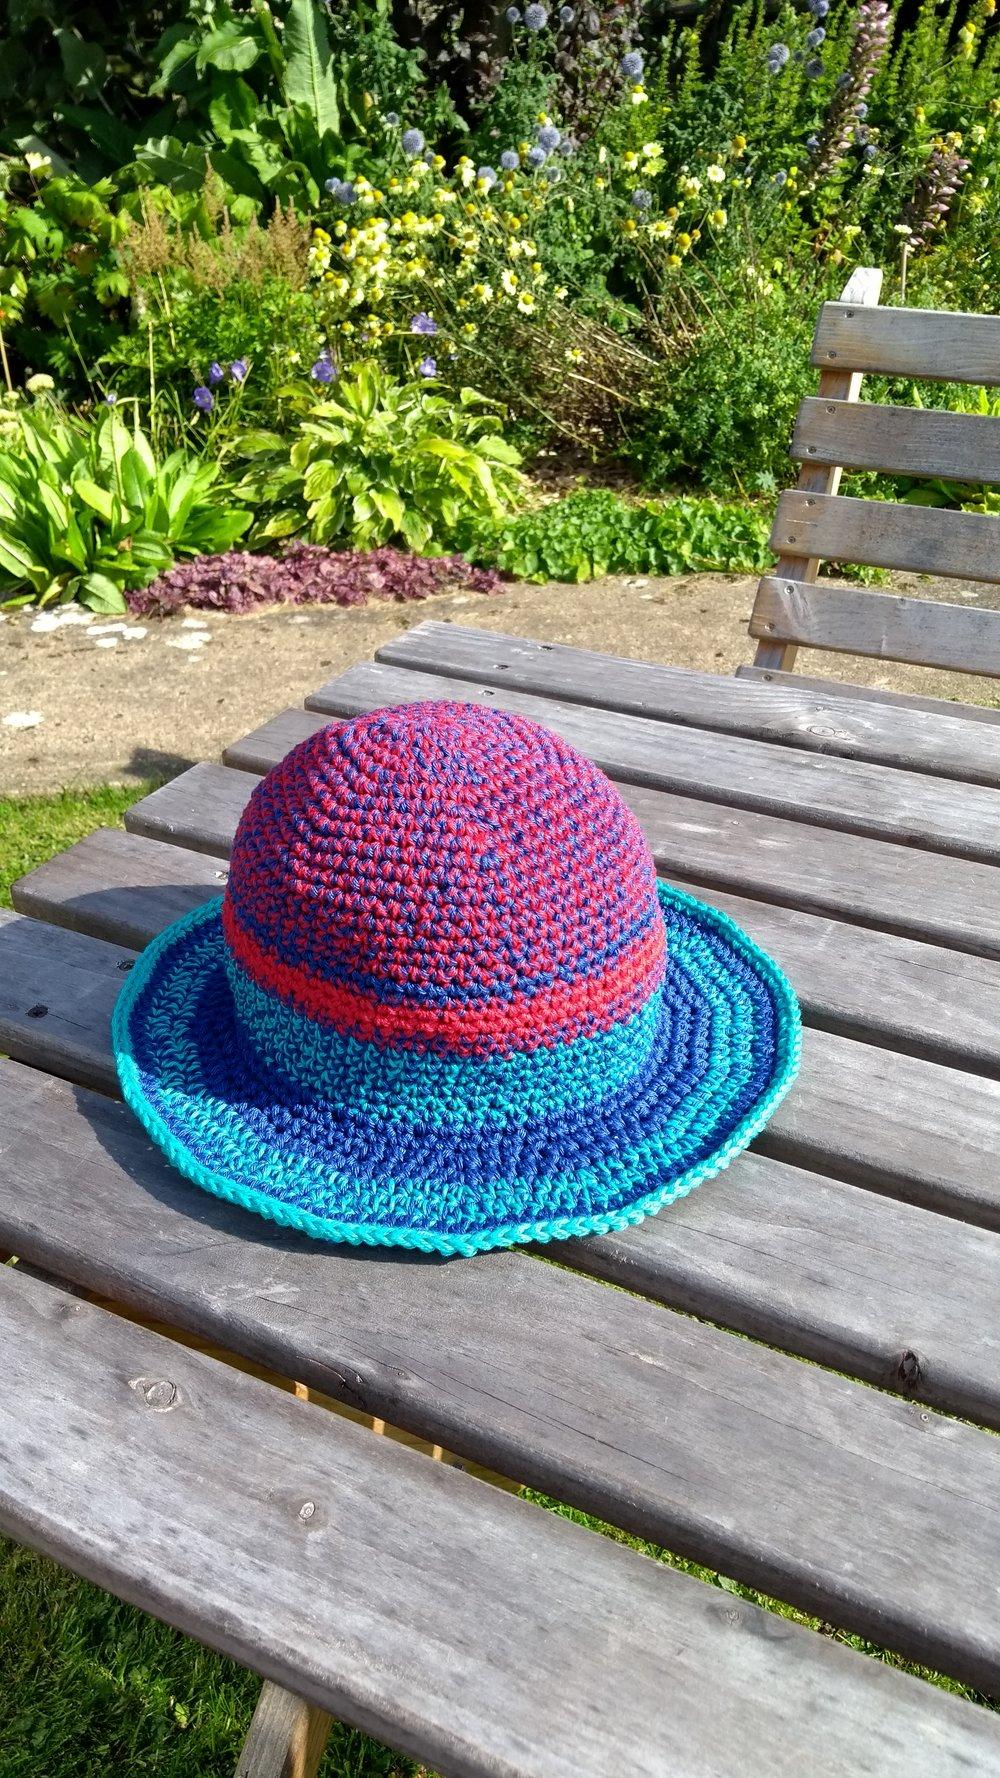 Crochet 'festival' hat august 2017